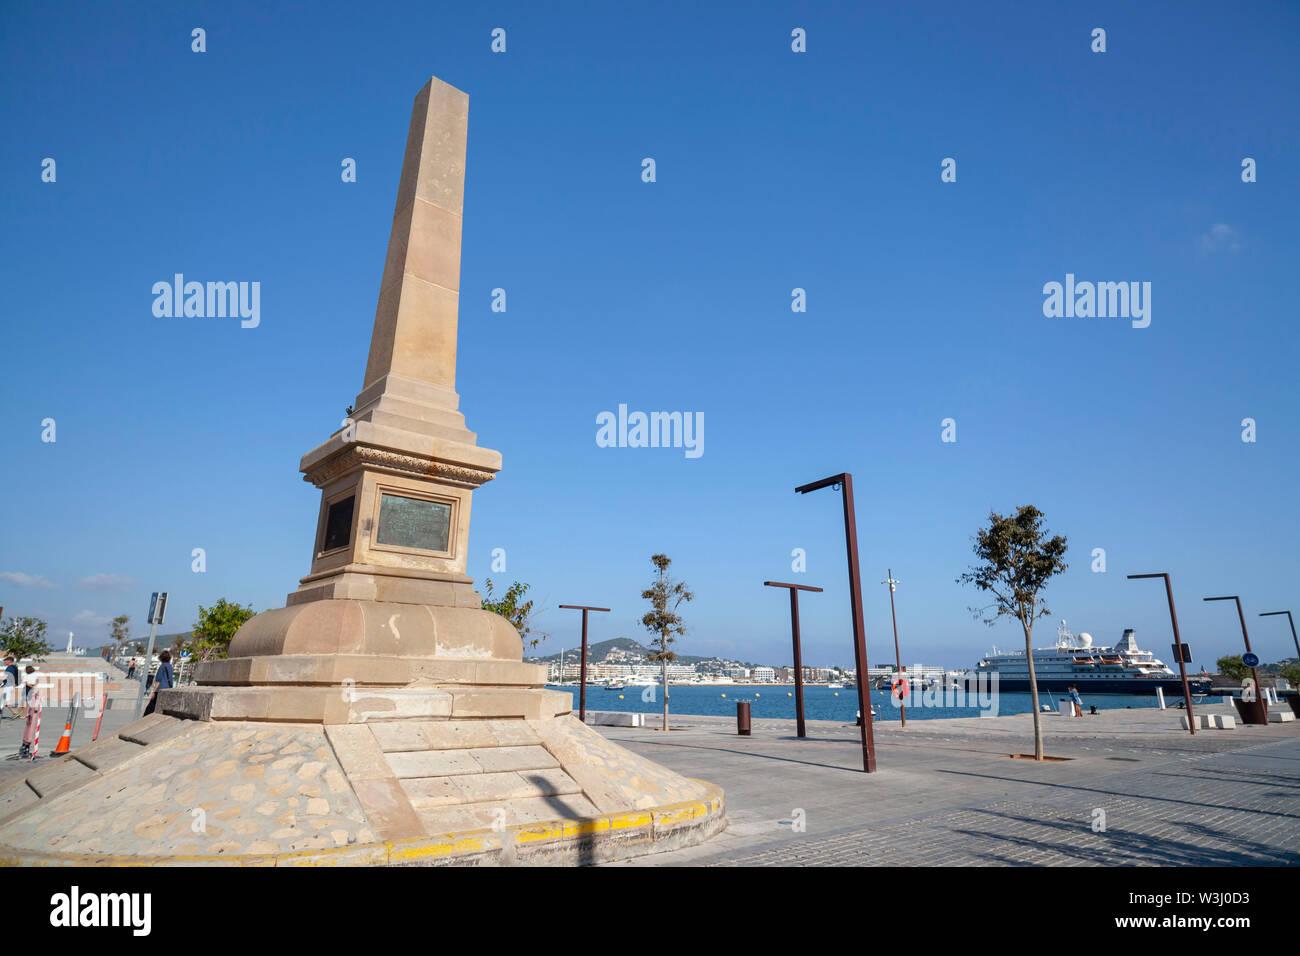 IBIZA,Spagna-ottobre 10,2019: Obelisco omaggio ai pirati nel porto di Ibiza, Ibiza, Isole Baleari. Foto Stock